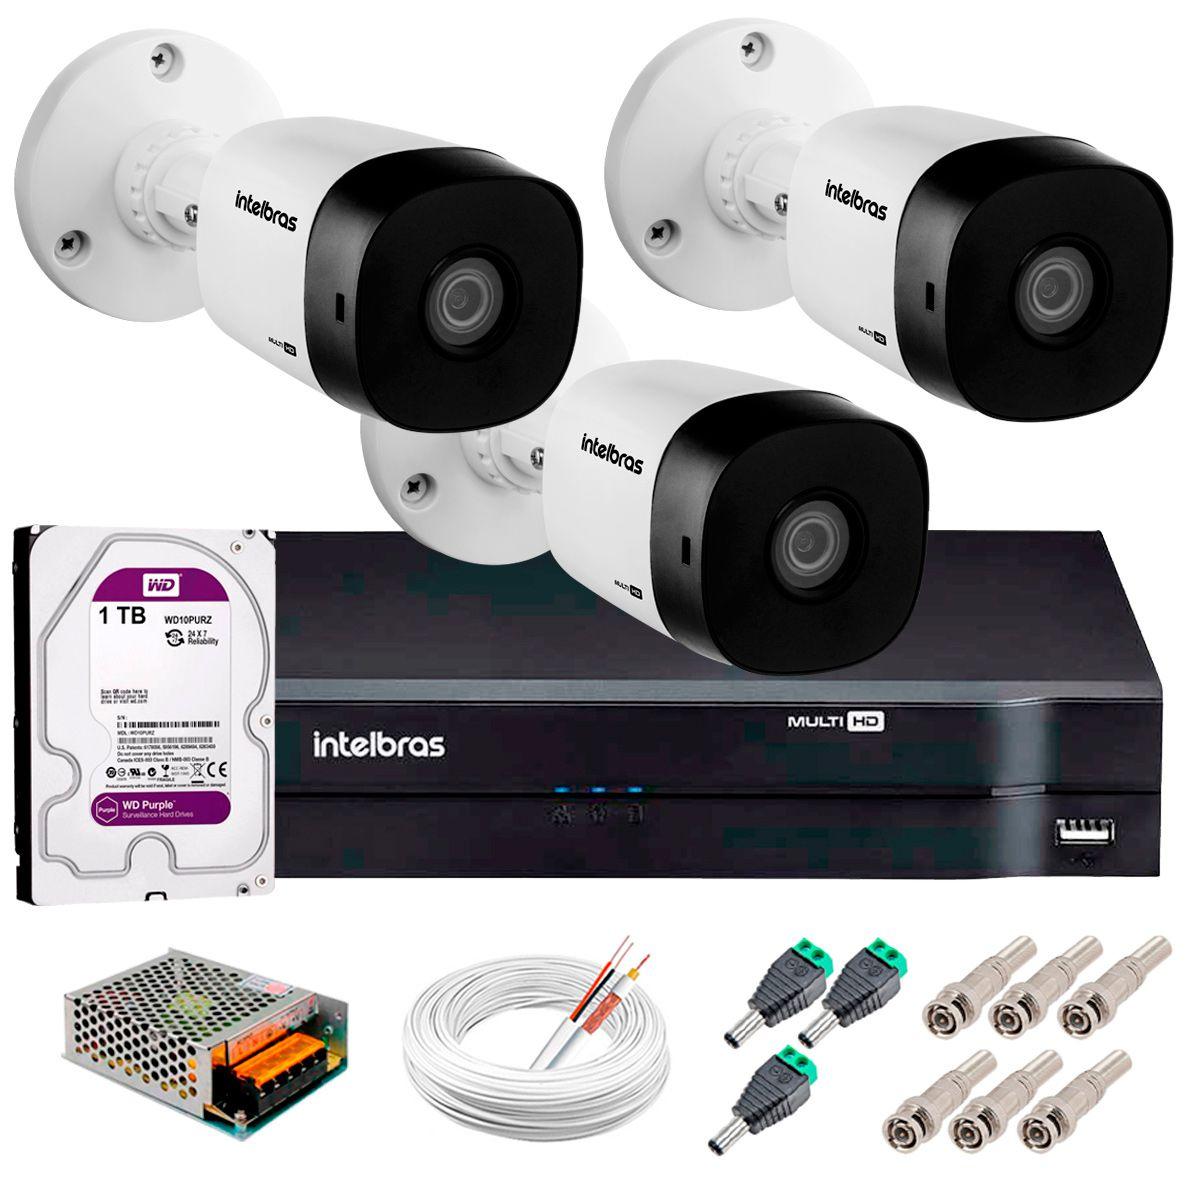 Kit 3 Câmeras VHD 3120 B G5 + DVR Intelbras + HD 1TB para Armazenamento + App Grátis de Monitoramento, Câmeras HD 720p 20m Infravermelho de Visão Noturna Intelbras + Fonte, Cabos e Acessórios  - Tudo Forte